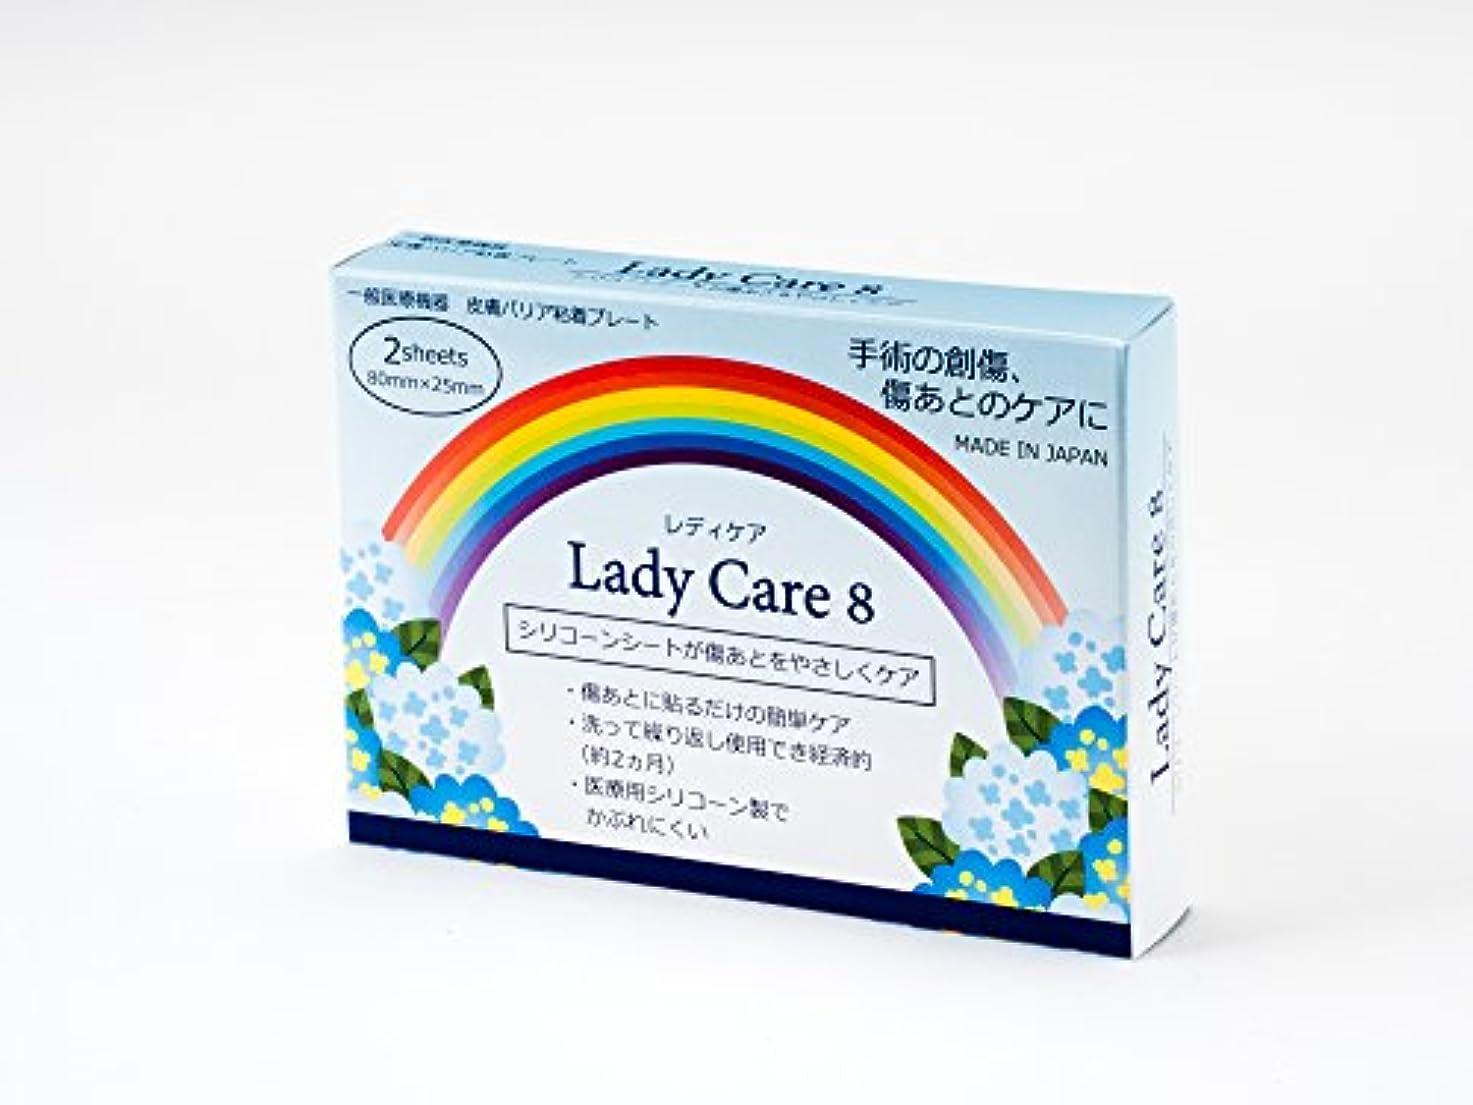 夢手がかりスリムギネマム Lady Care8 レディケア8 【8cm×2.5cm】 2枚入り 術後